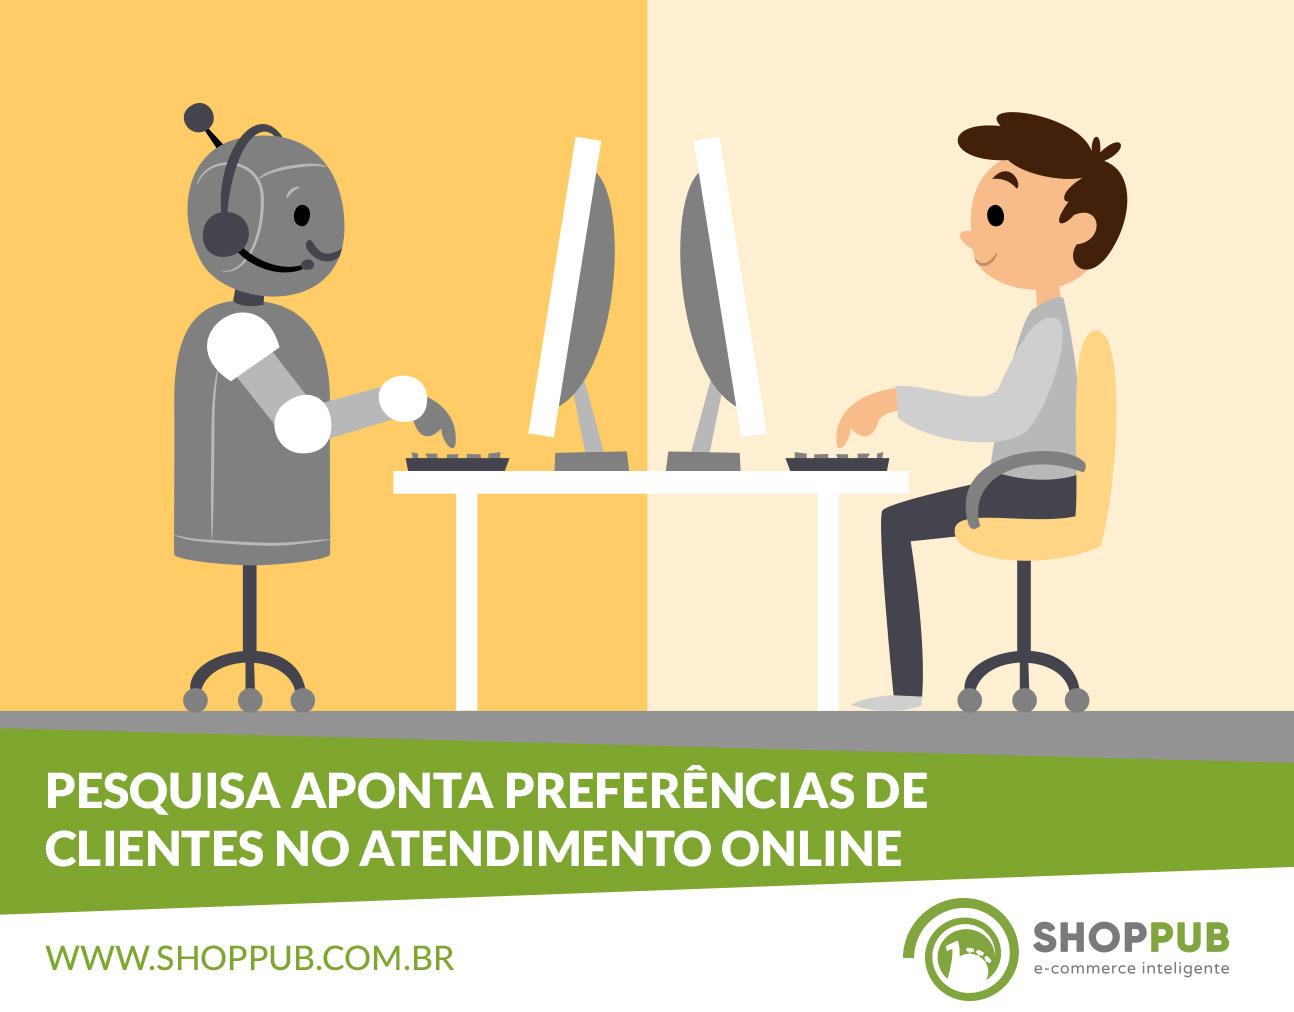 966321980a Pesquisa aponta preferências de clientes no atendimento online - Blog  Shoppub